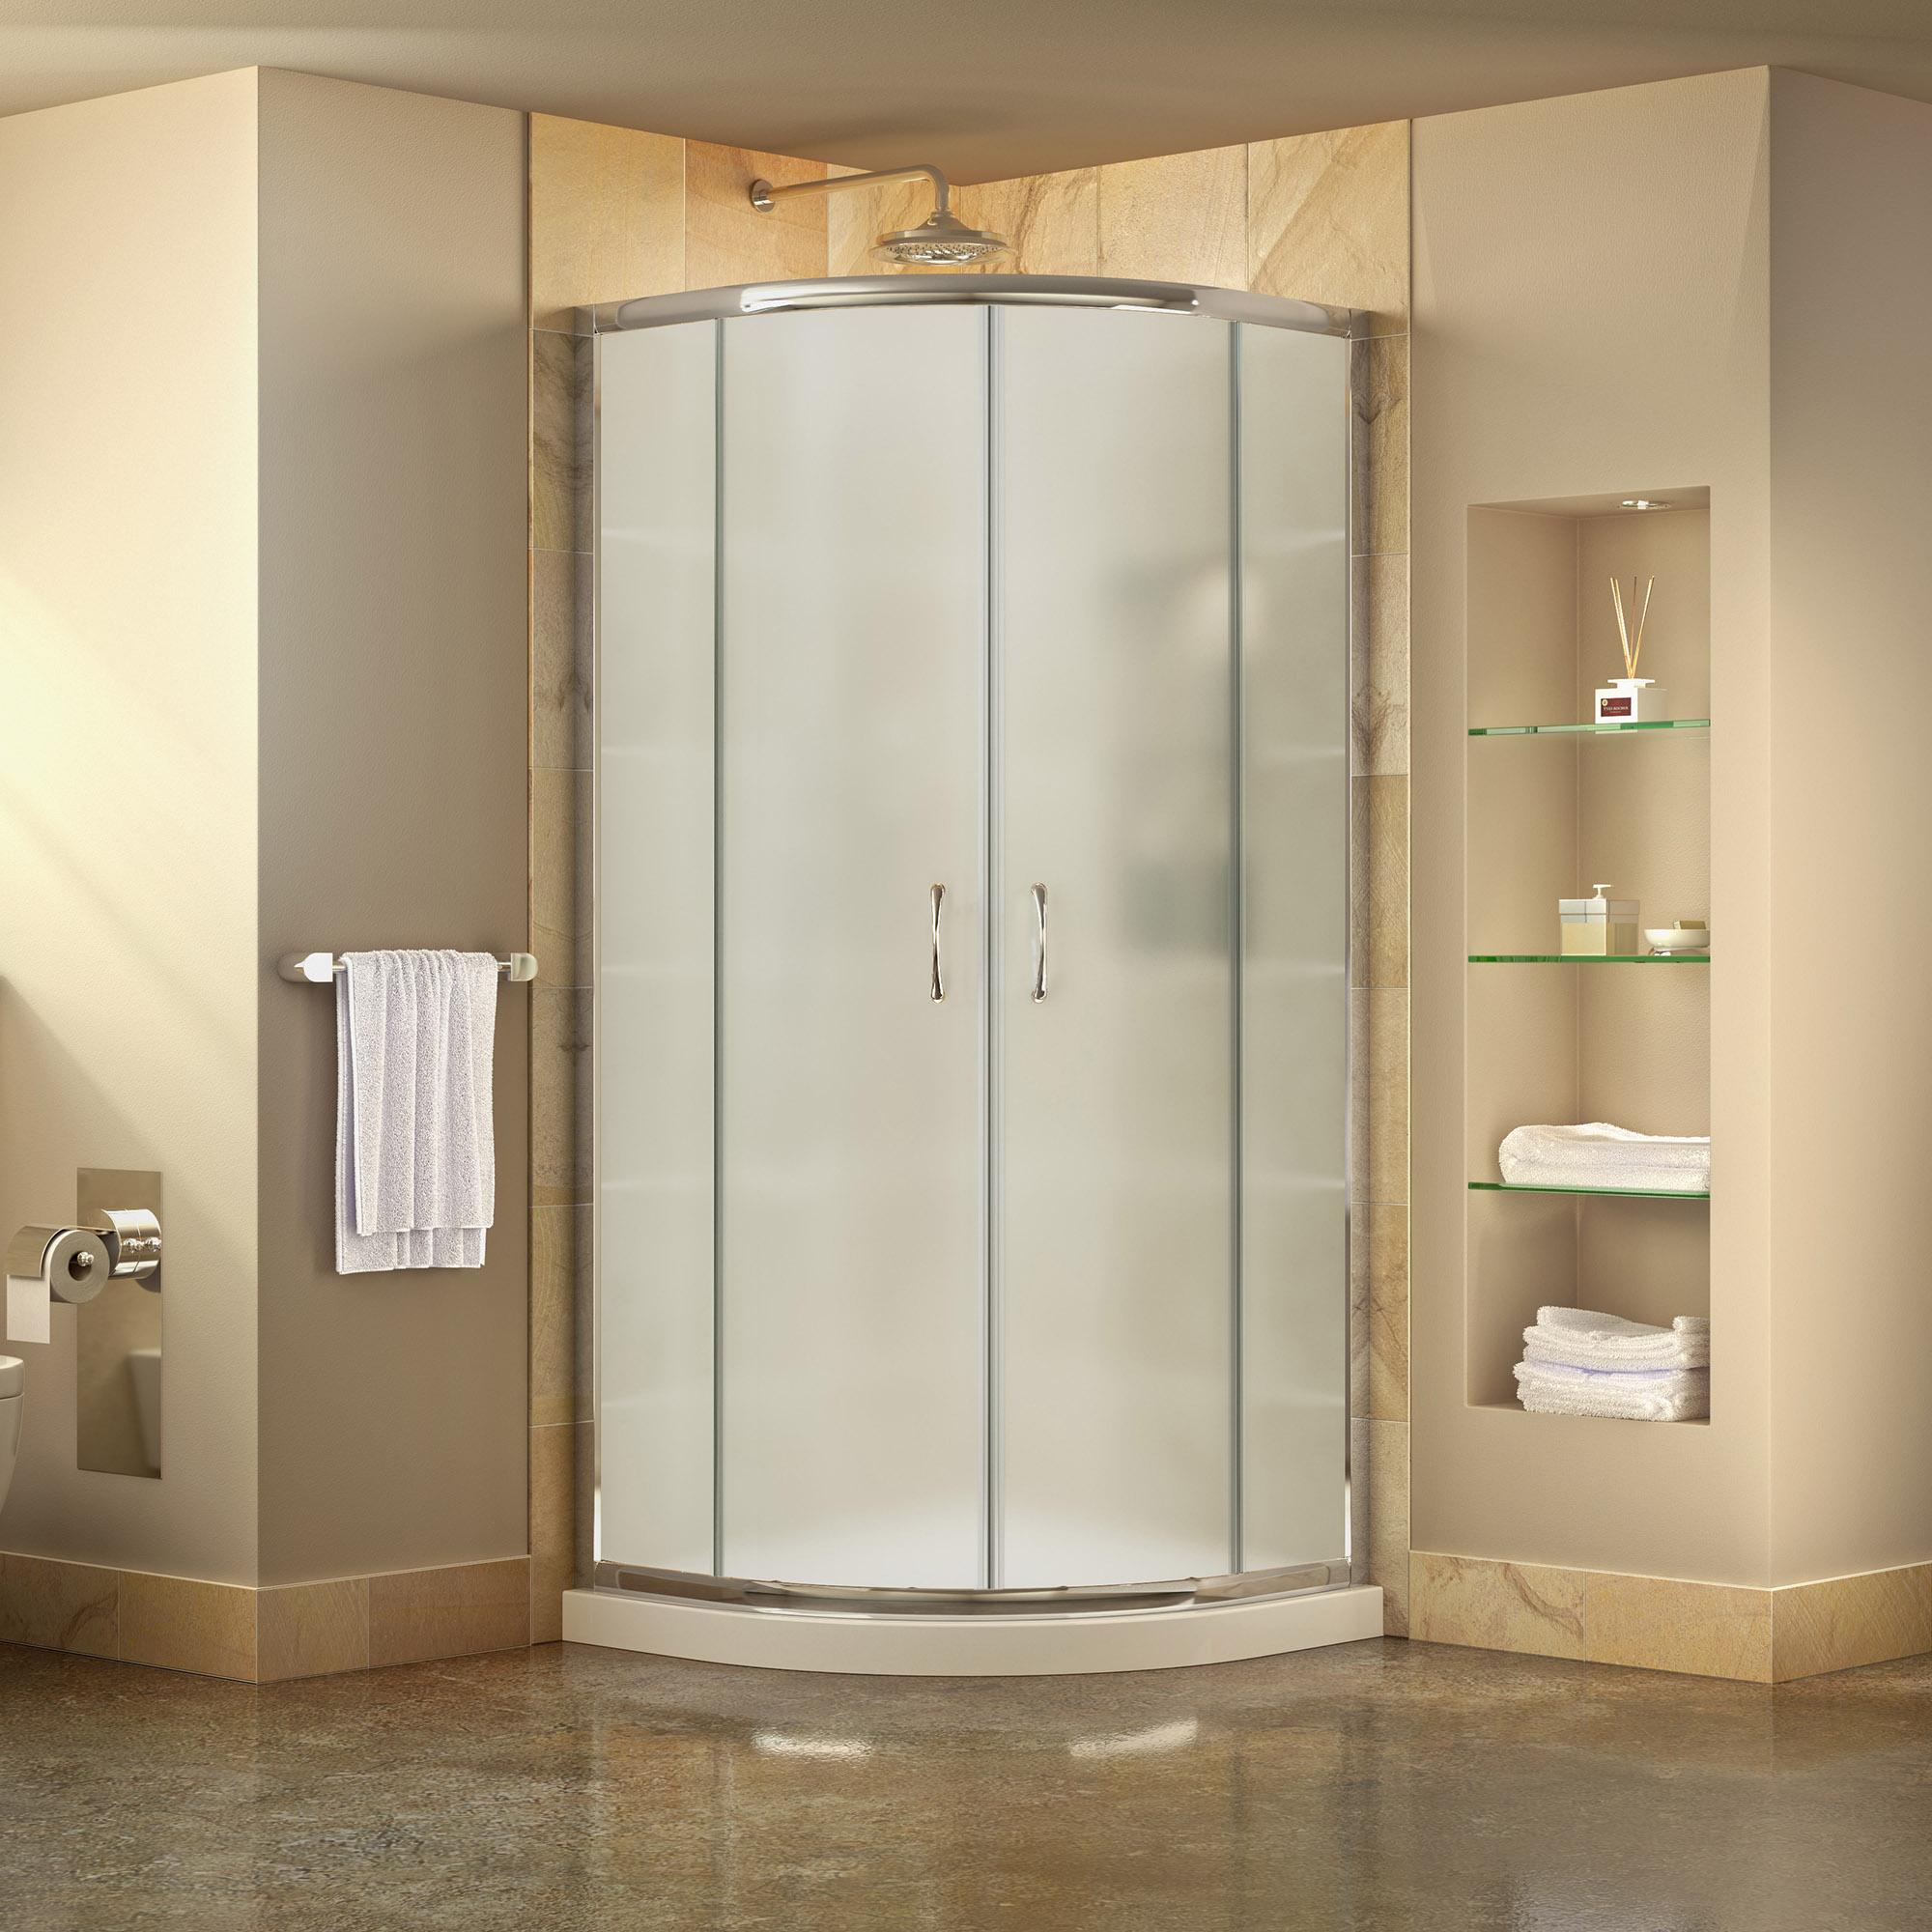 DreamLine DL-6703-01FR Prime Shower Enclosure and SlimLine 38 x 38 ...